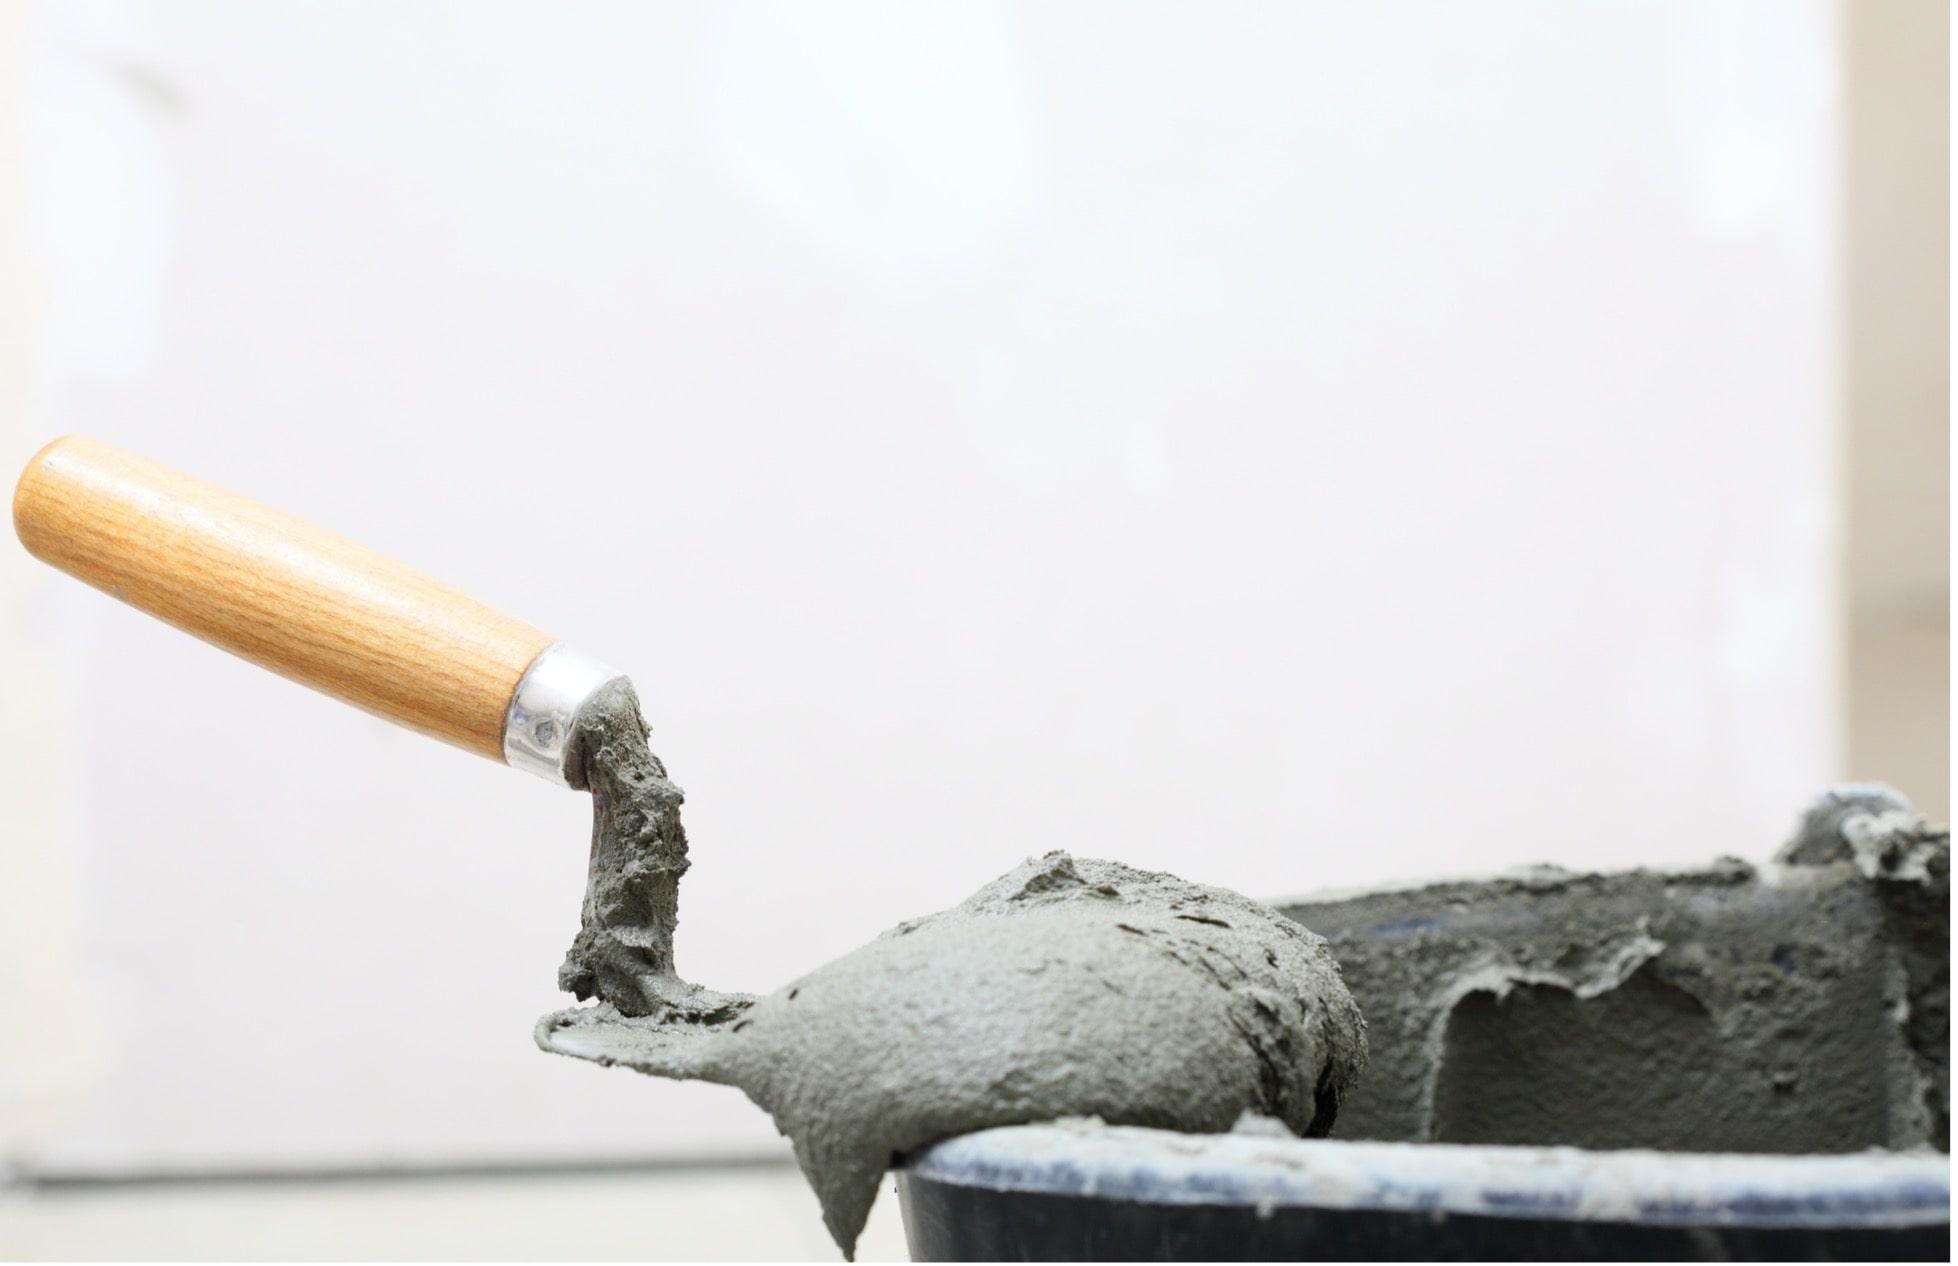 concrete-mixers-spatula-cement-bucket-min